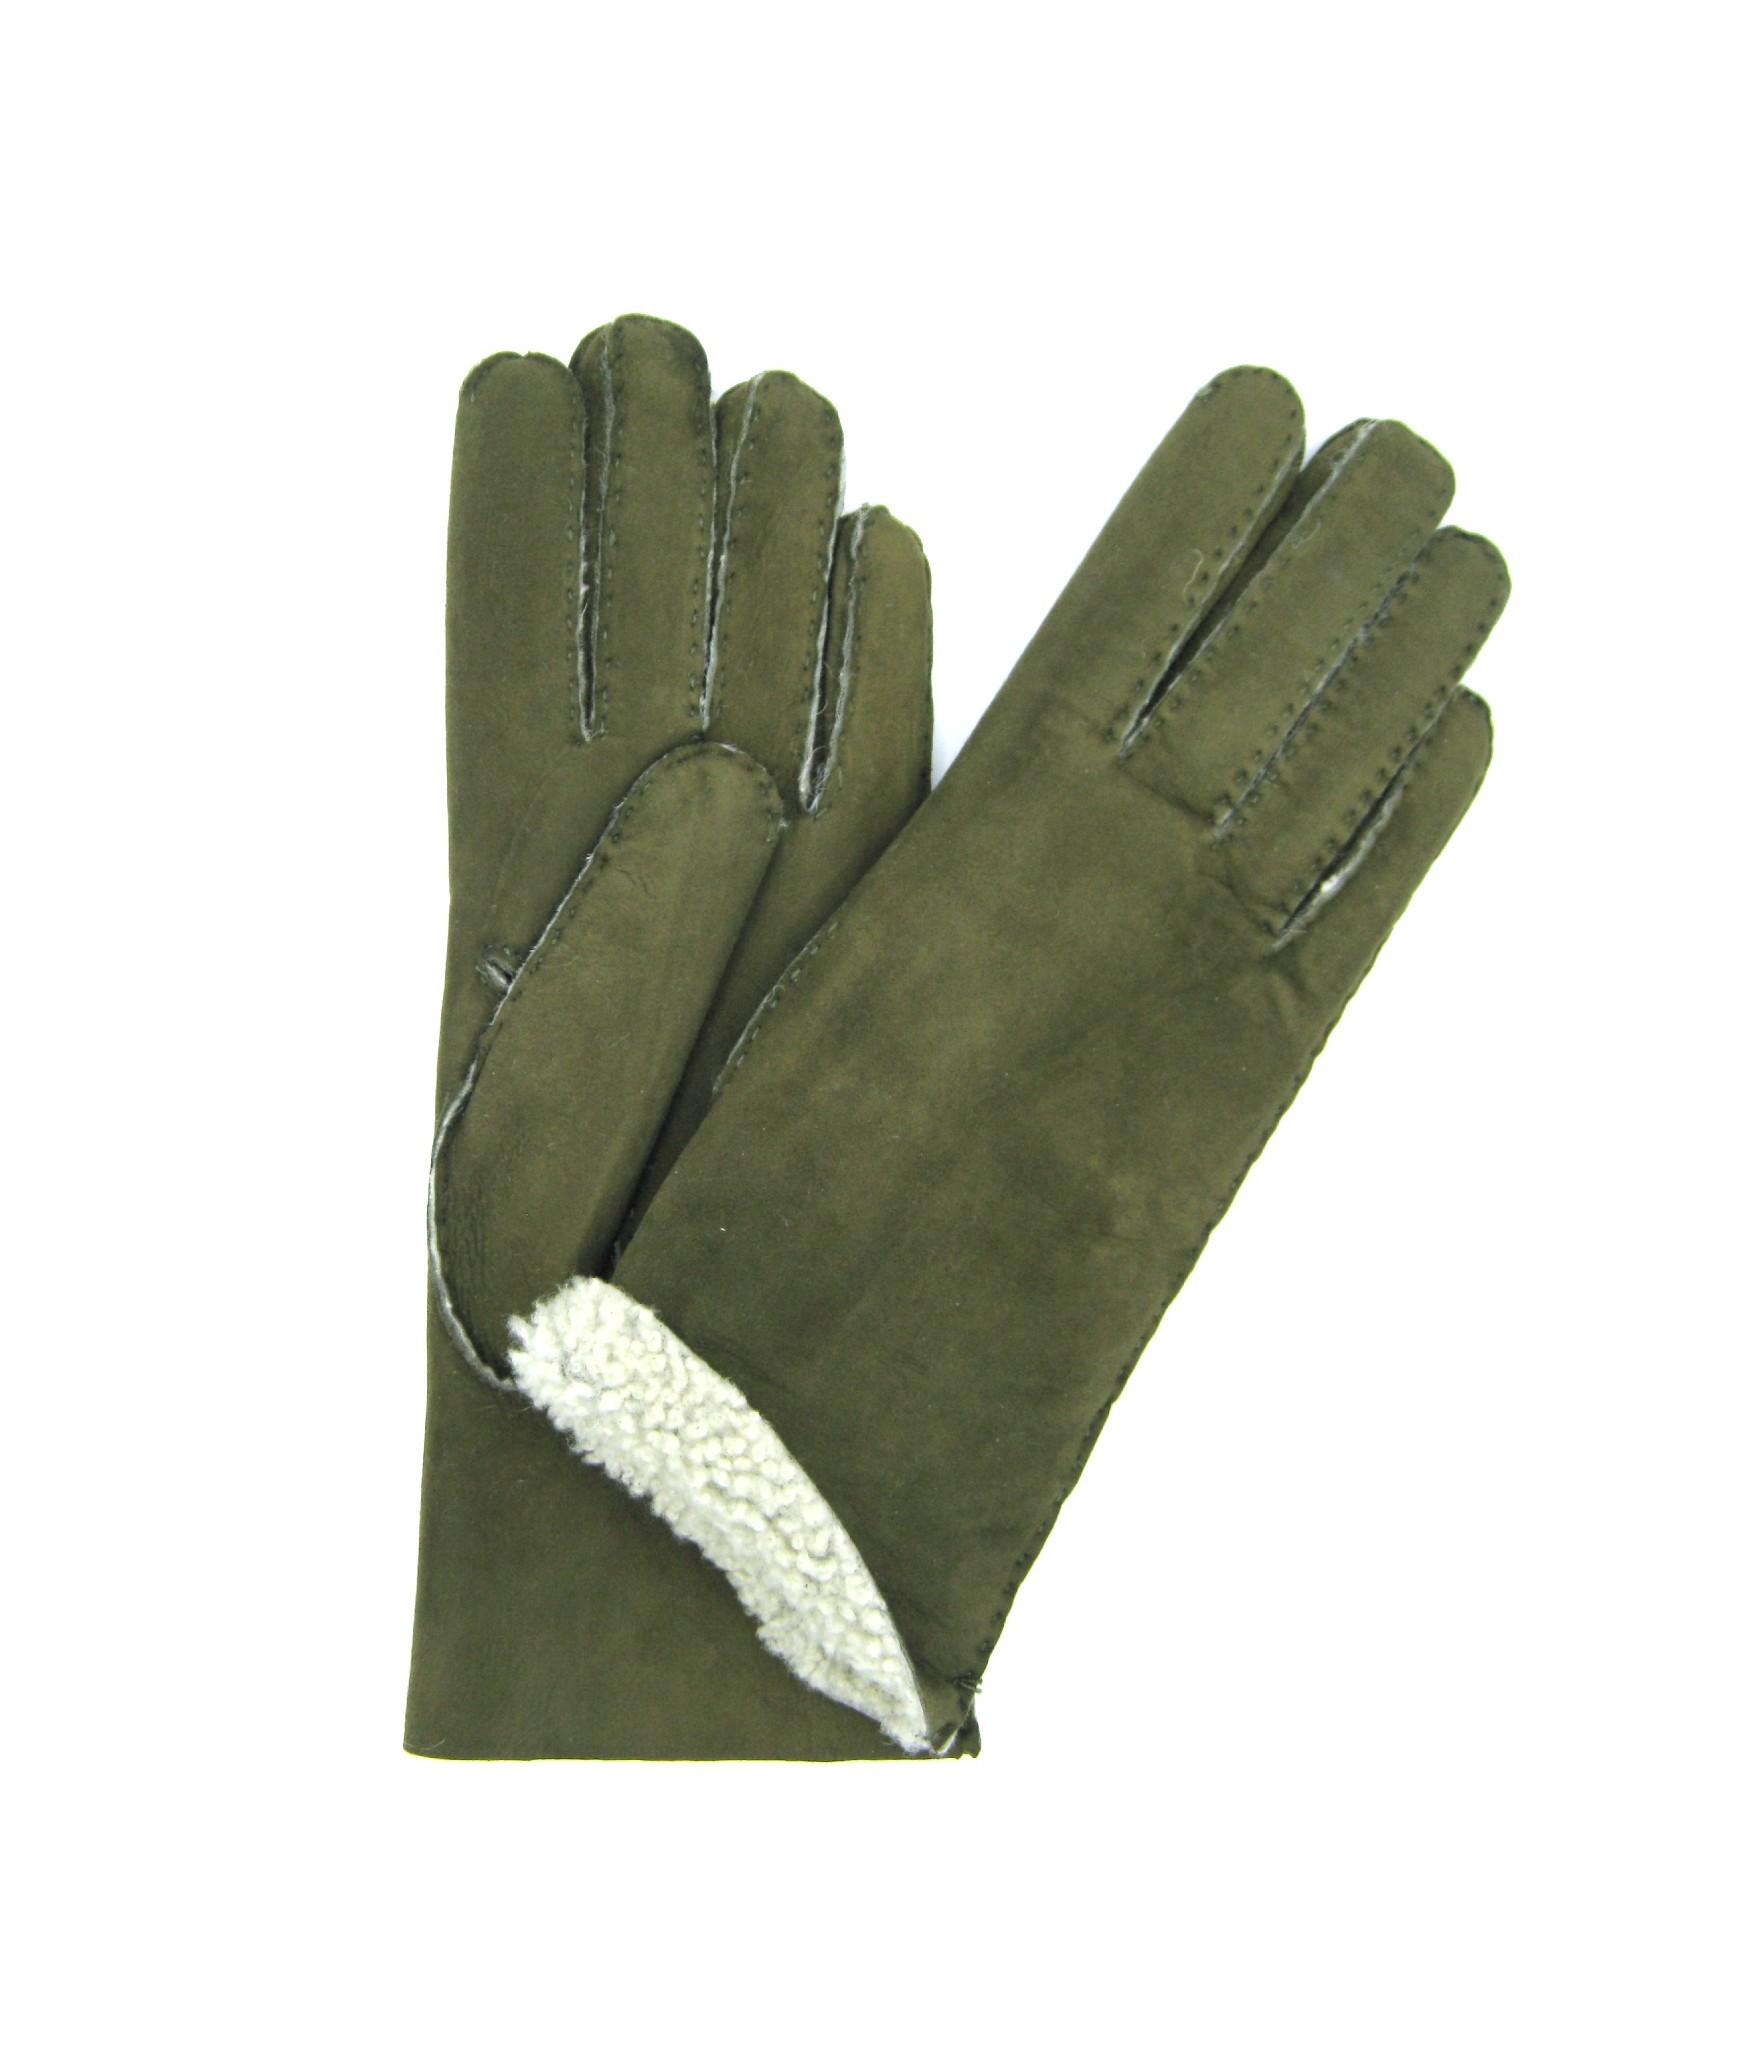 Sheepskin gloves with hand stitching Loden Sermoneta Gloves